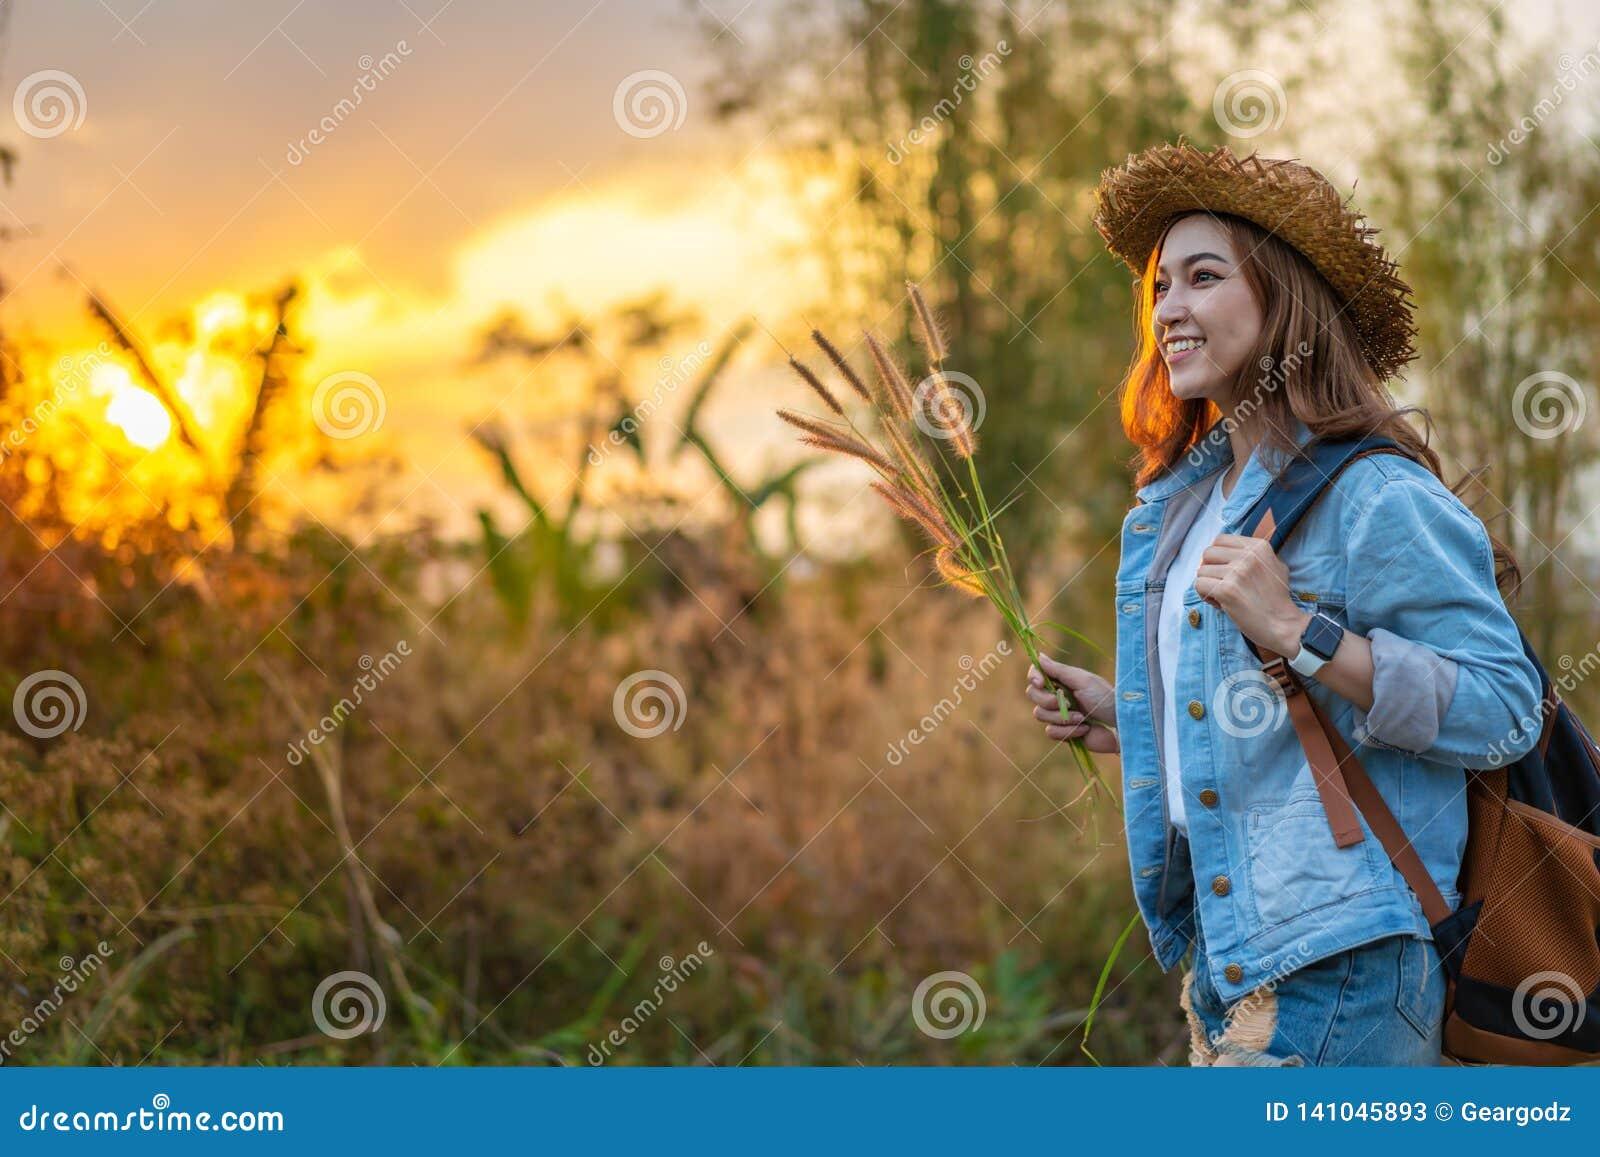 Touriste féminin avec le sac à dos dans la campagne avec le coucher du soleil